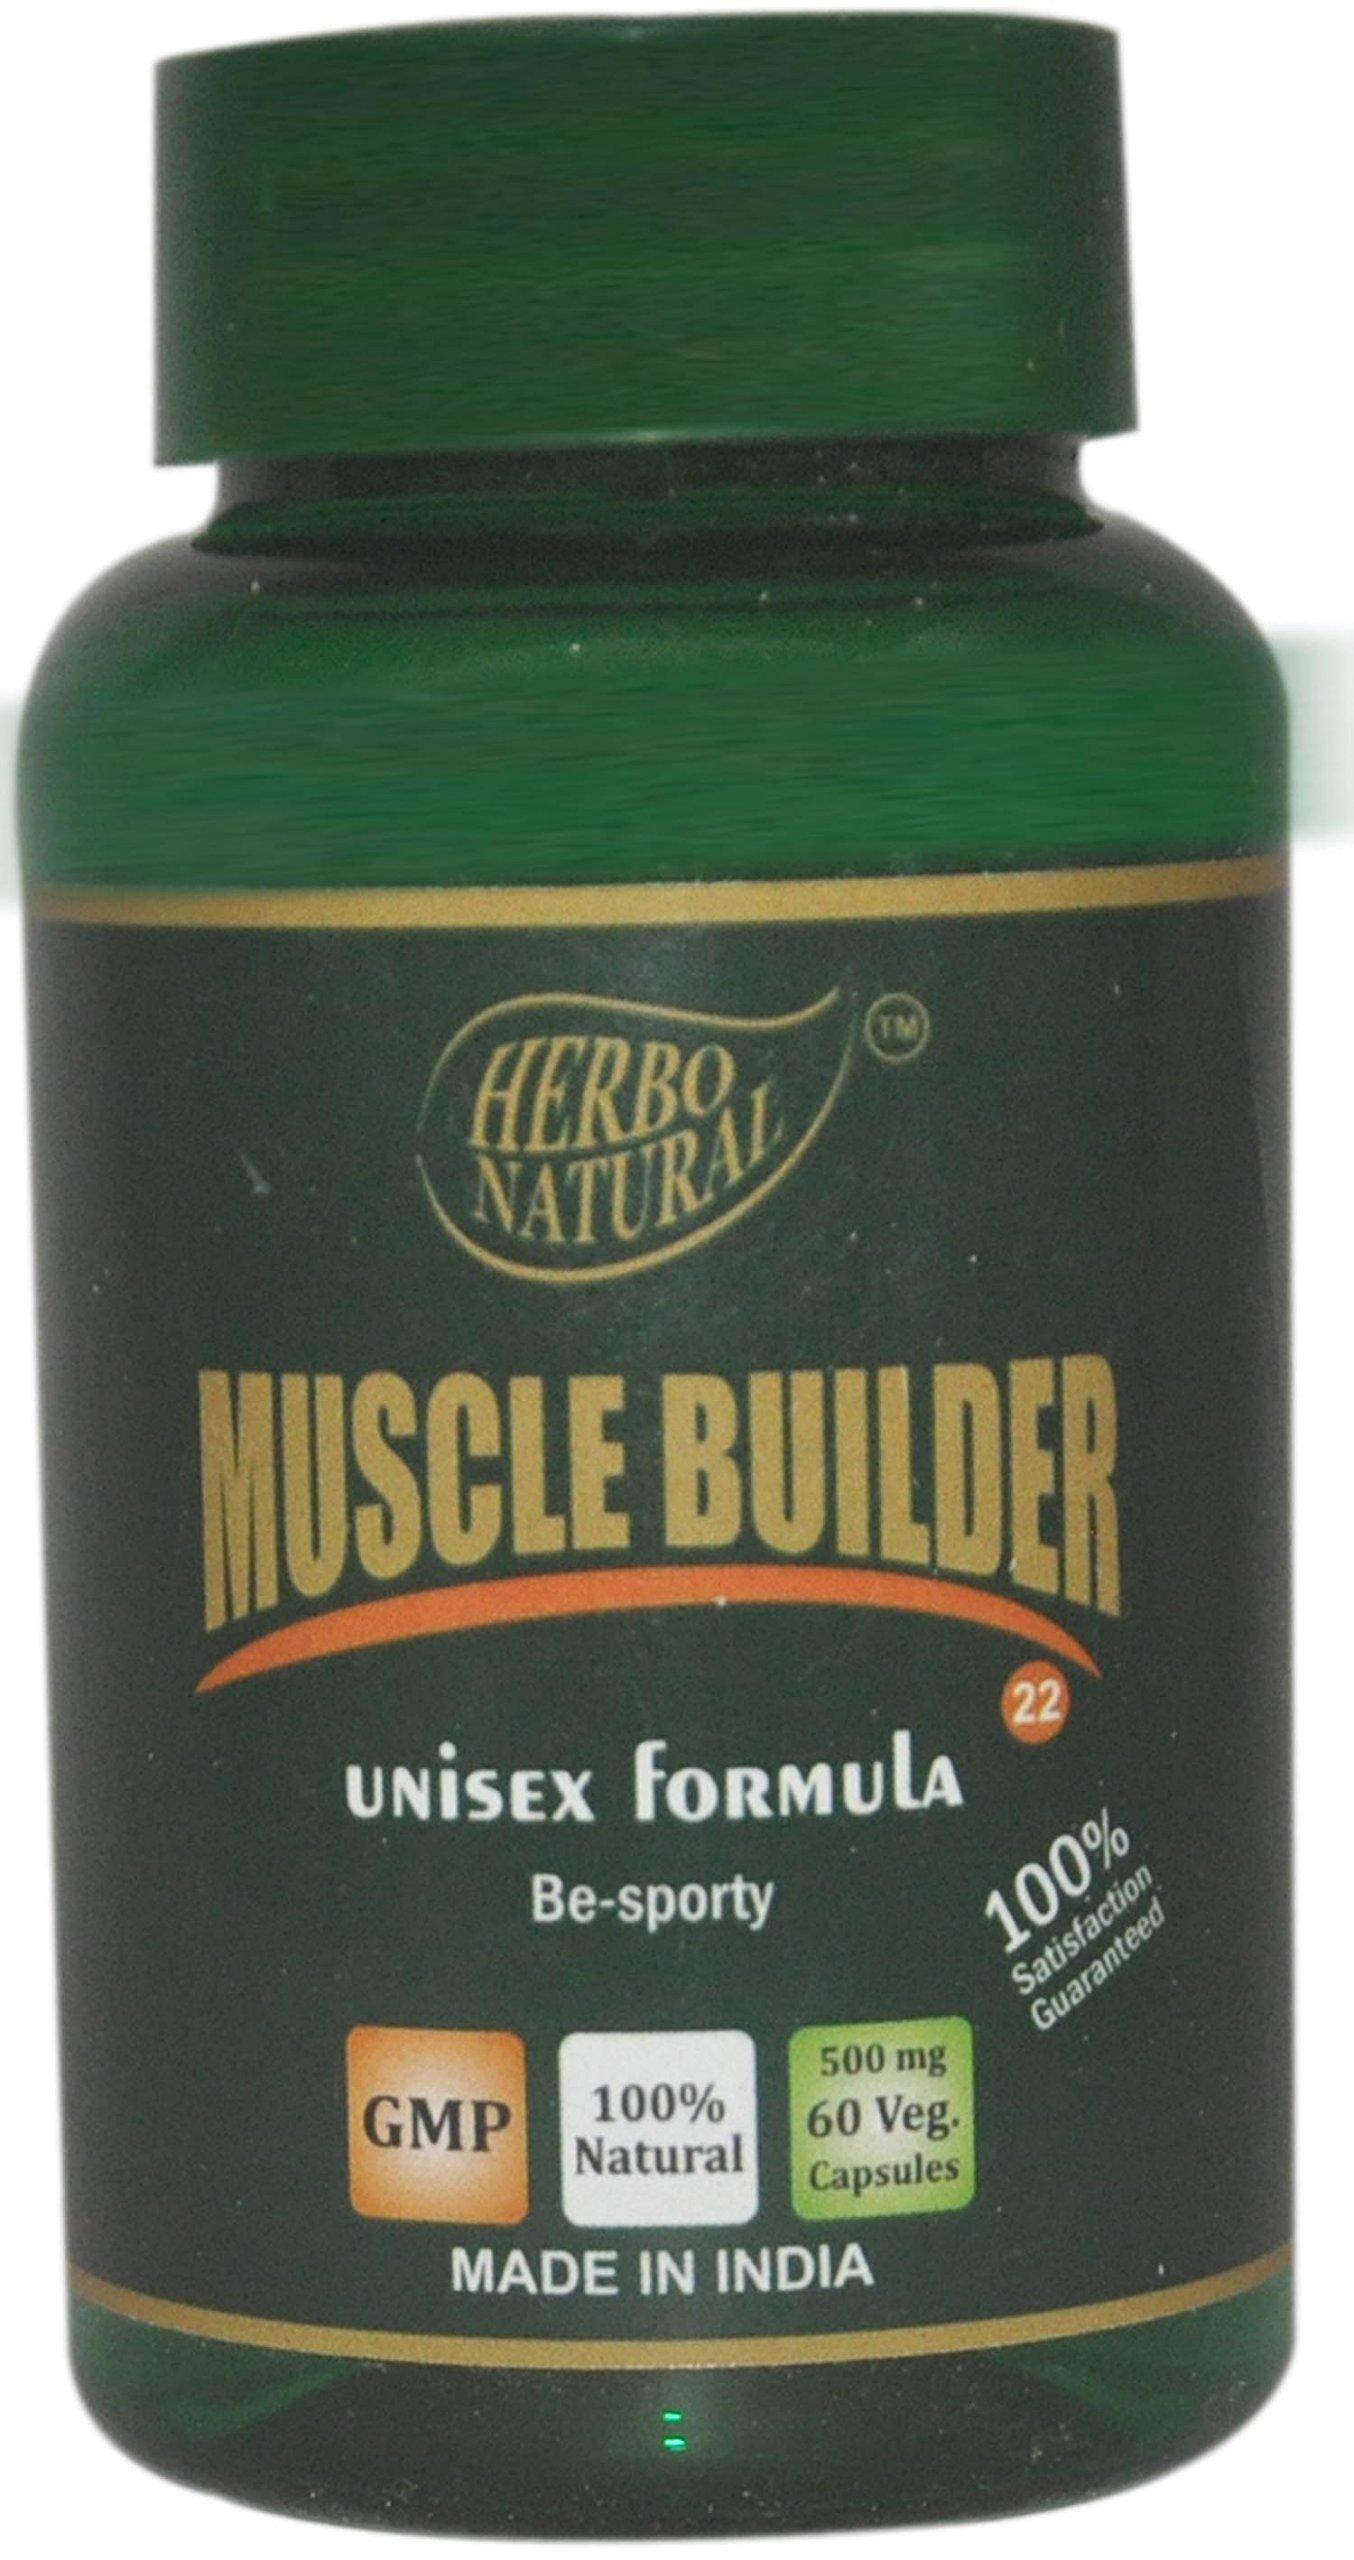 Herbo Natural Ayurvedic Muscle Builder Capsules-60 500mg Veg Cap (pack of 1)